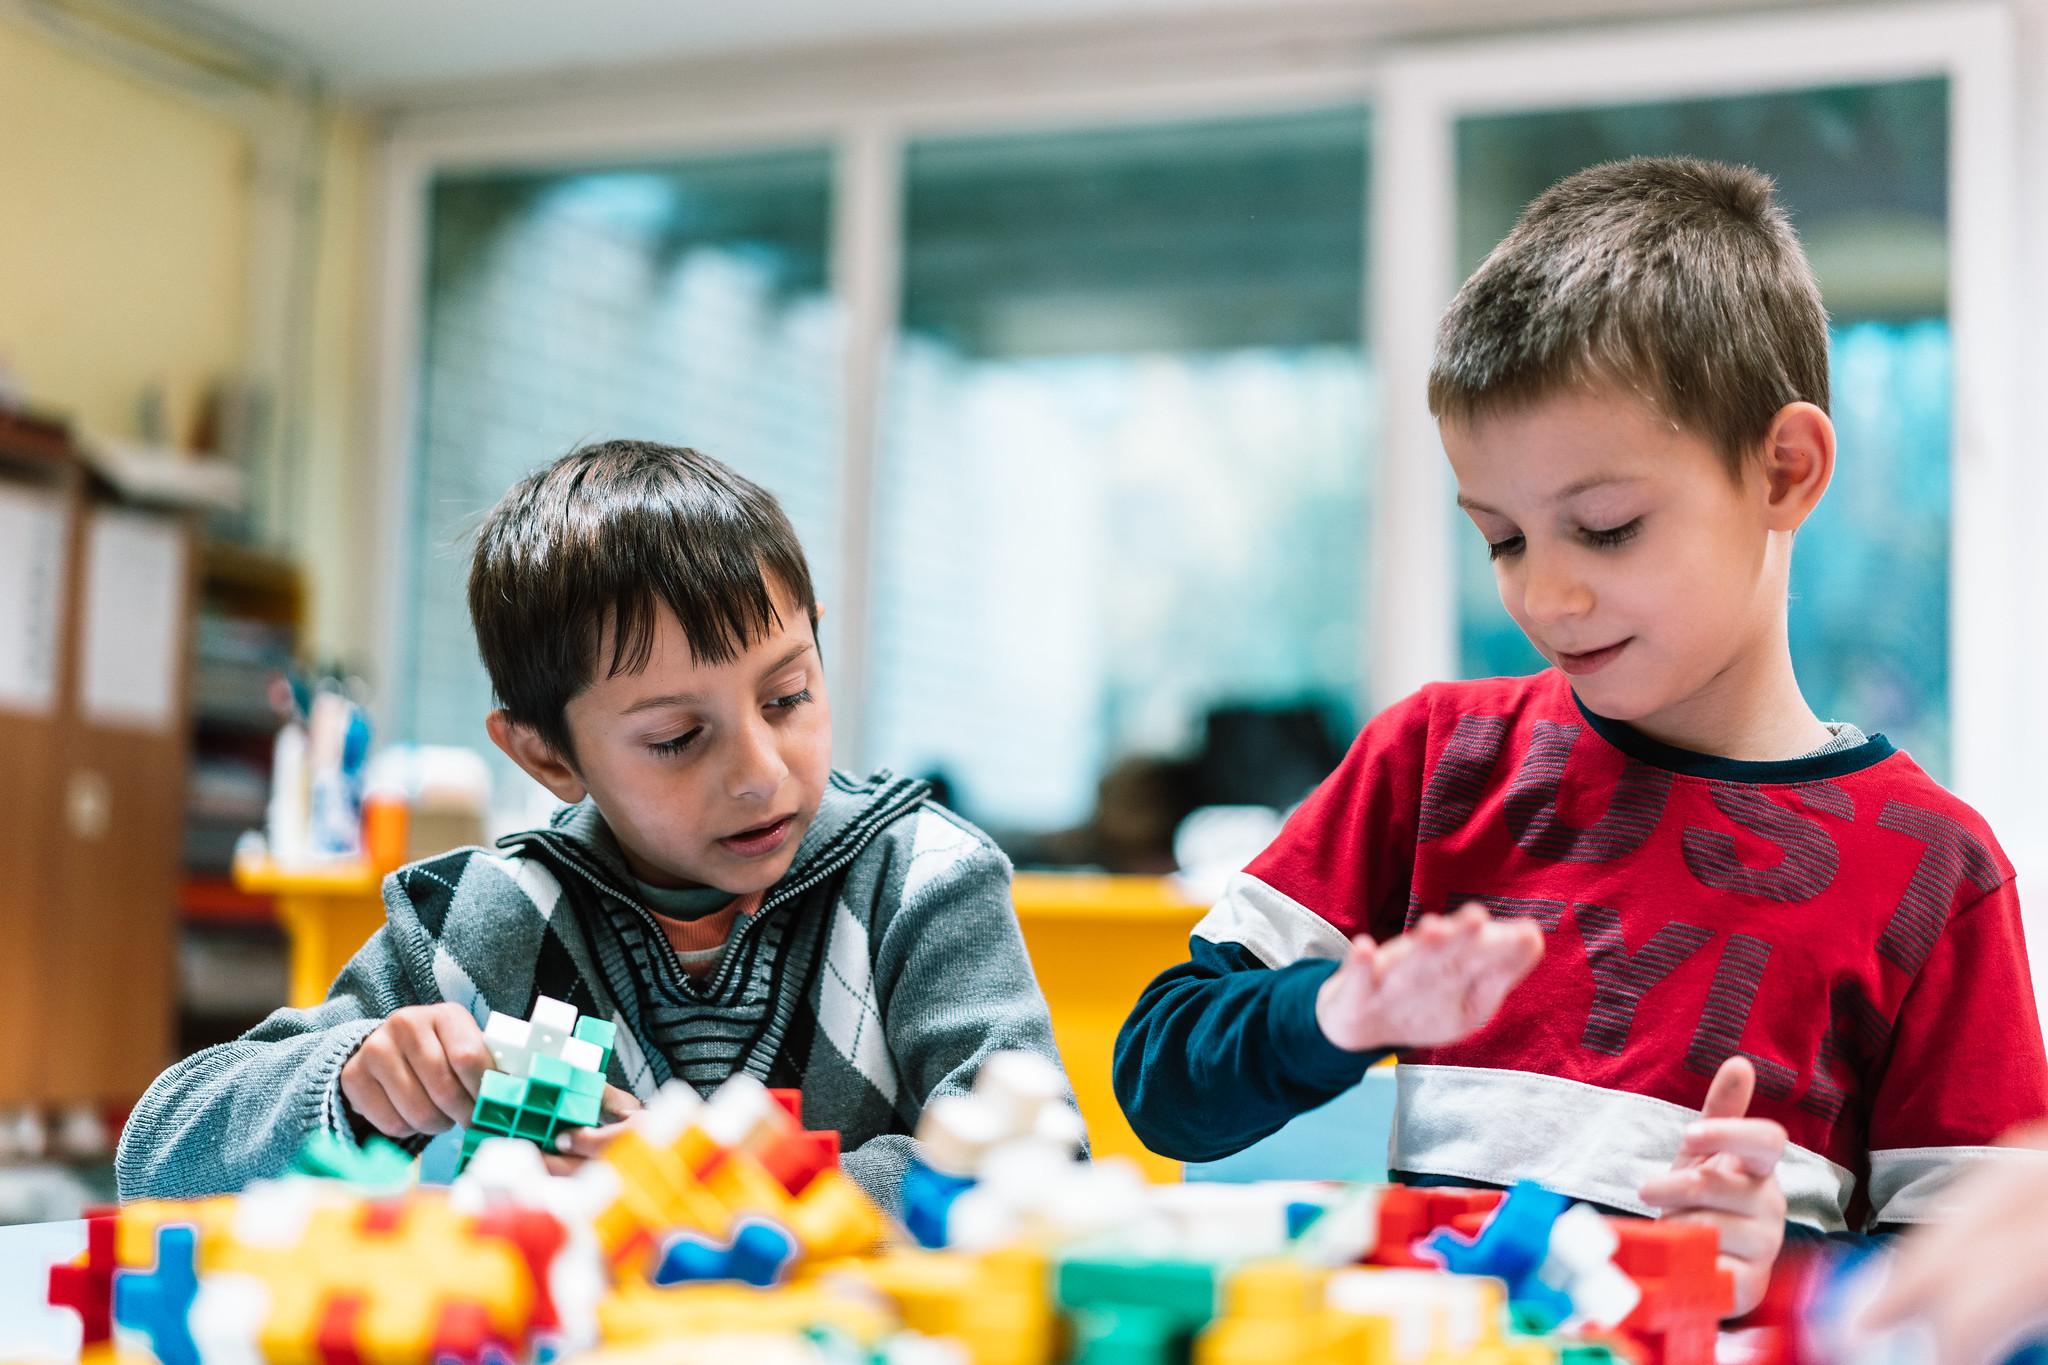 Predškolsko obrazovanjebriše bilo kakve stereotipekoji nastaju u ranim godinama i pomaže deci romske nacionalnosti da se lakše adaptiraju na sredinu u kojojžive.